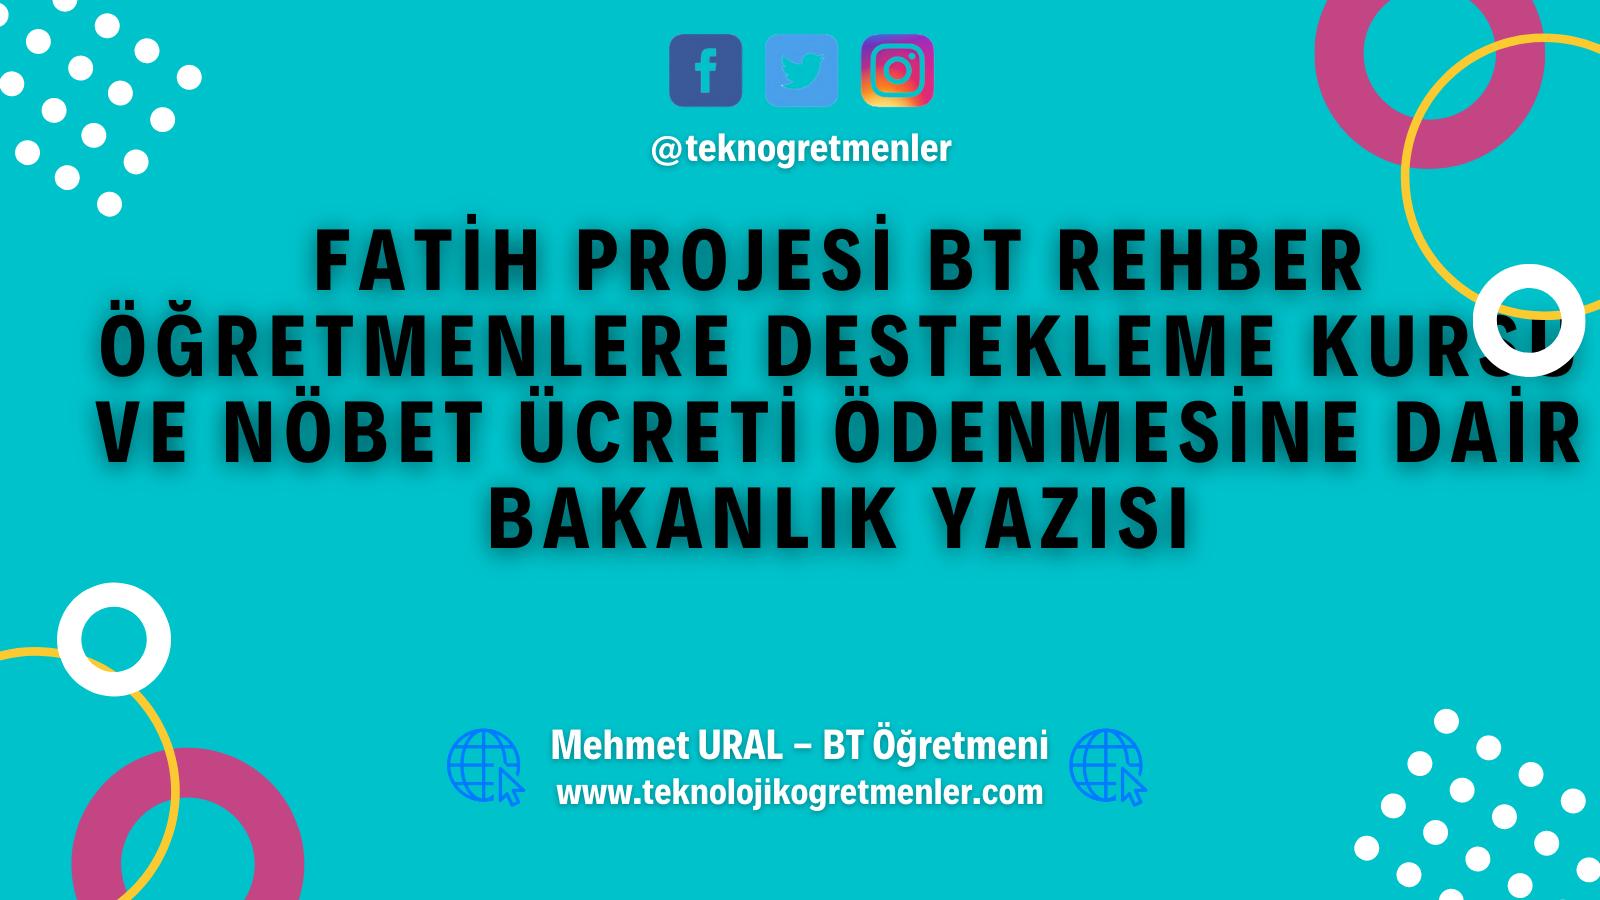 Fatih Projesi BT Rehber Öğretmenlere Destekleme Kursu ve Nöbet Ücreti Ödenmesine Dair Bakanlık Yazısı